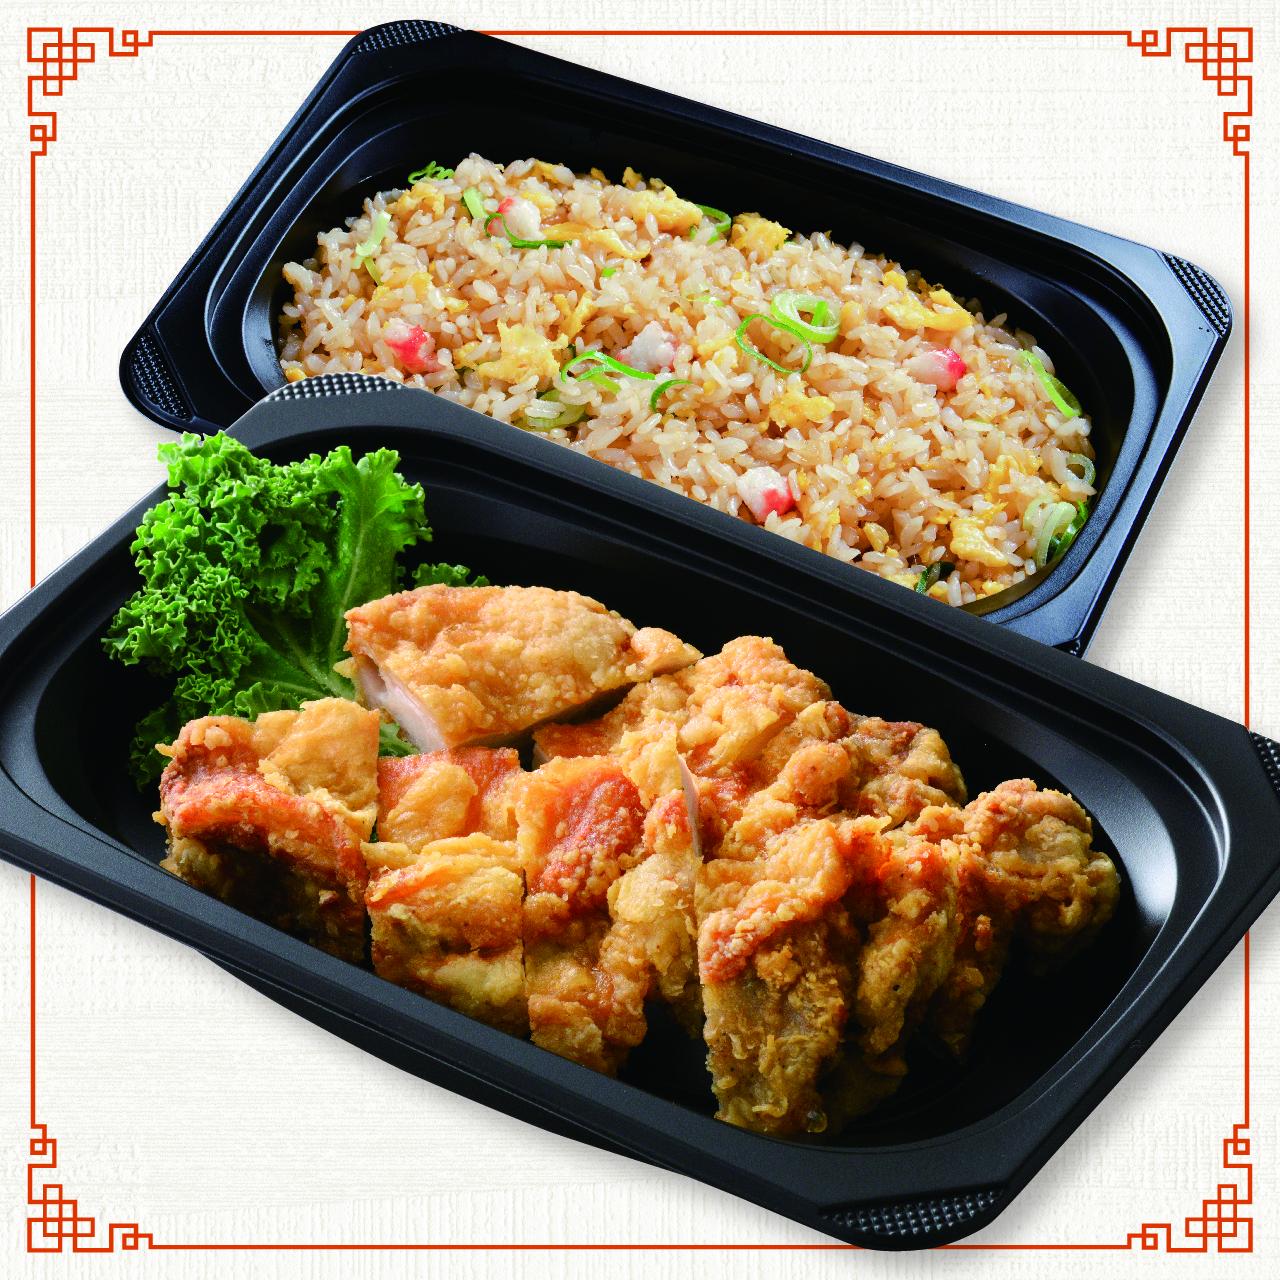 油淋鶏(ユーリンチー)&炒飯